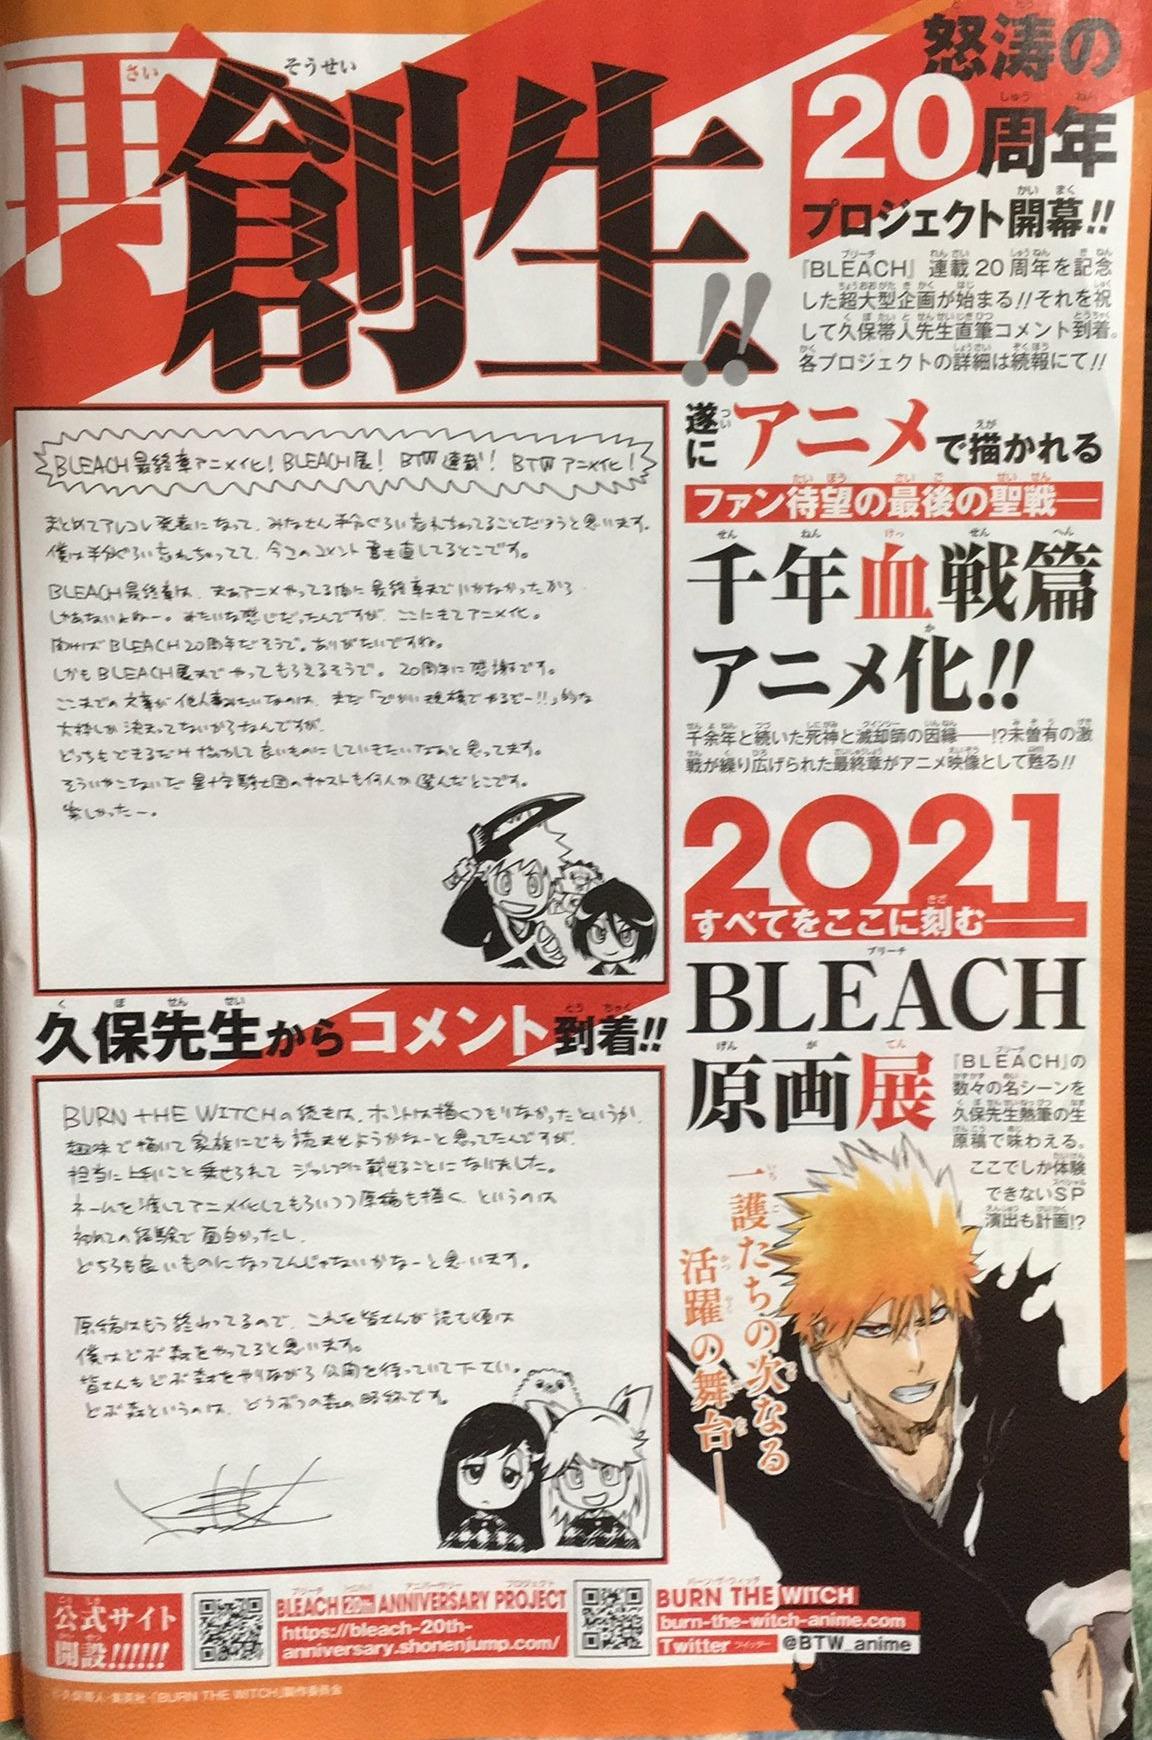 Bleach Arc Final Animé Annonce 2